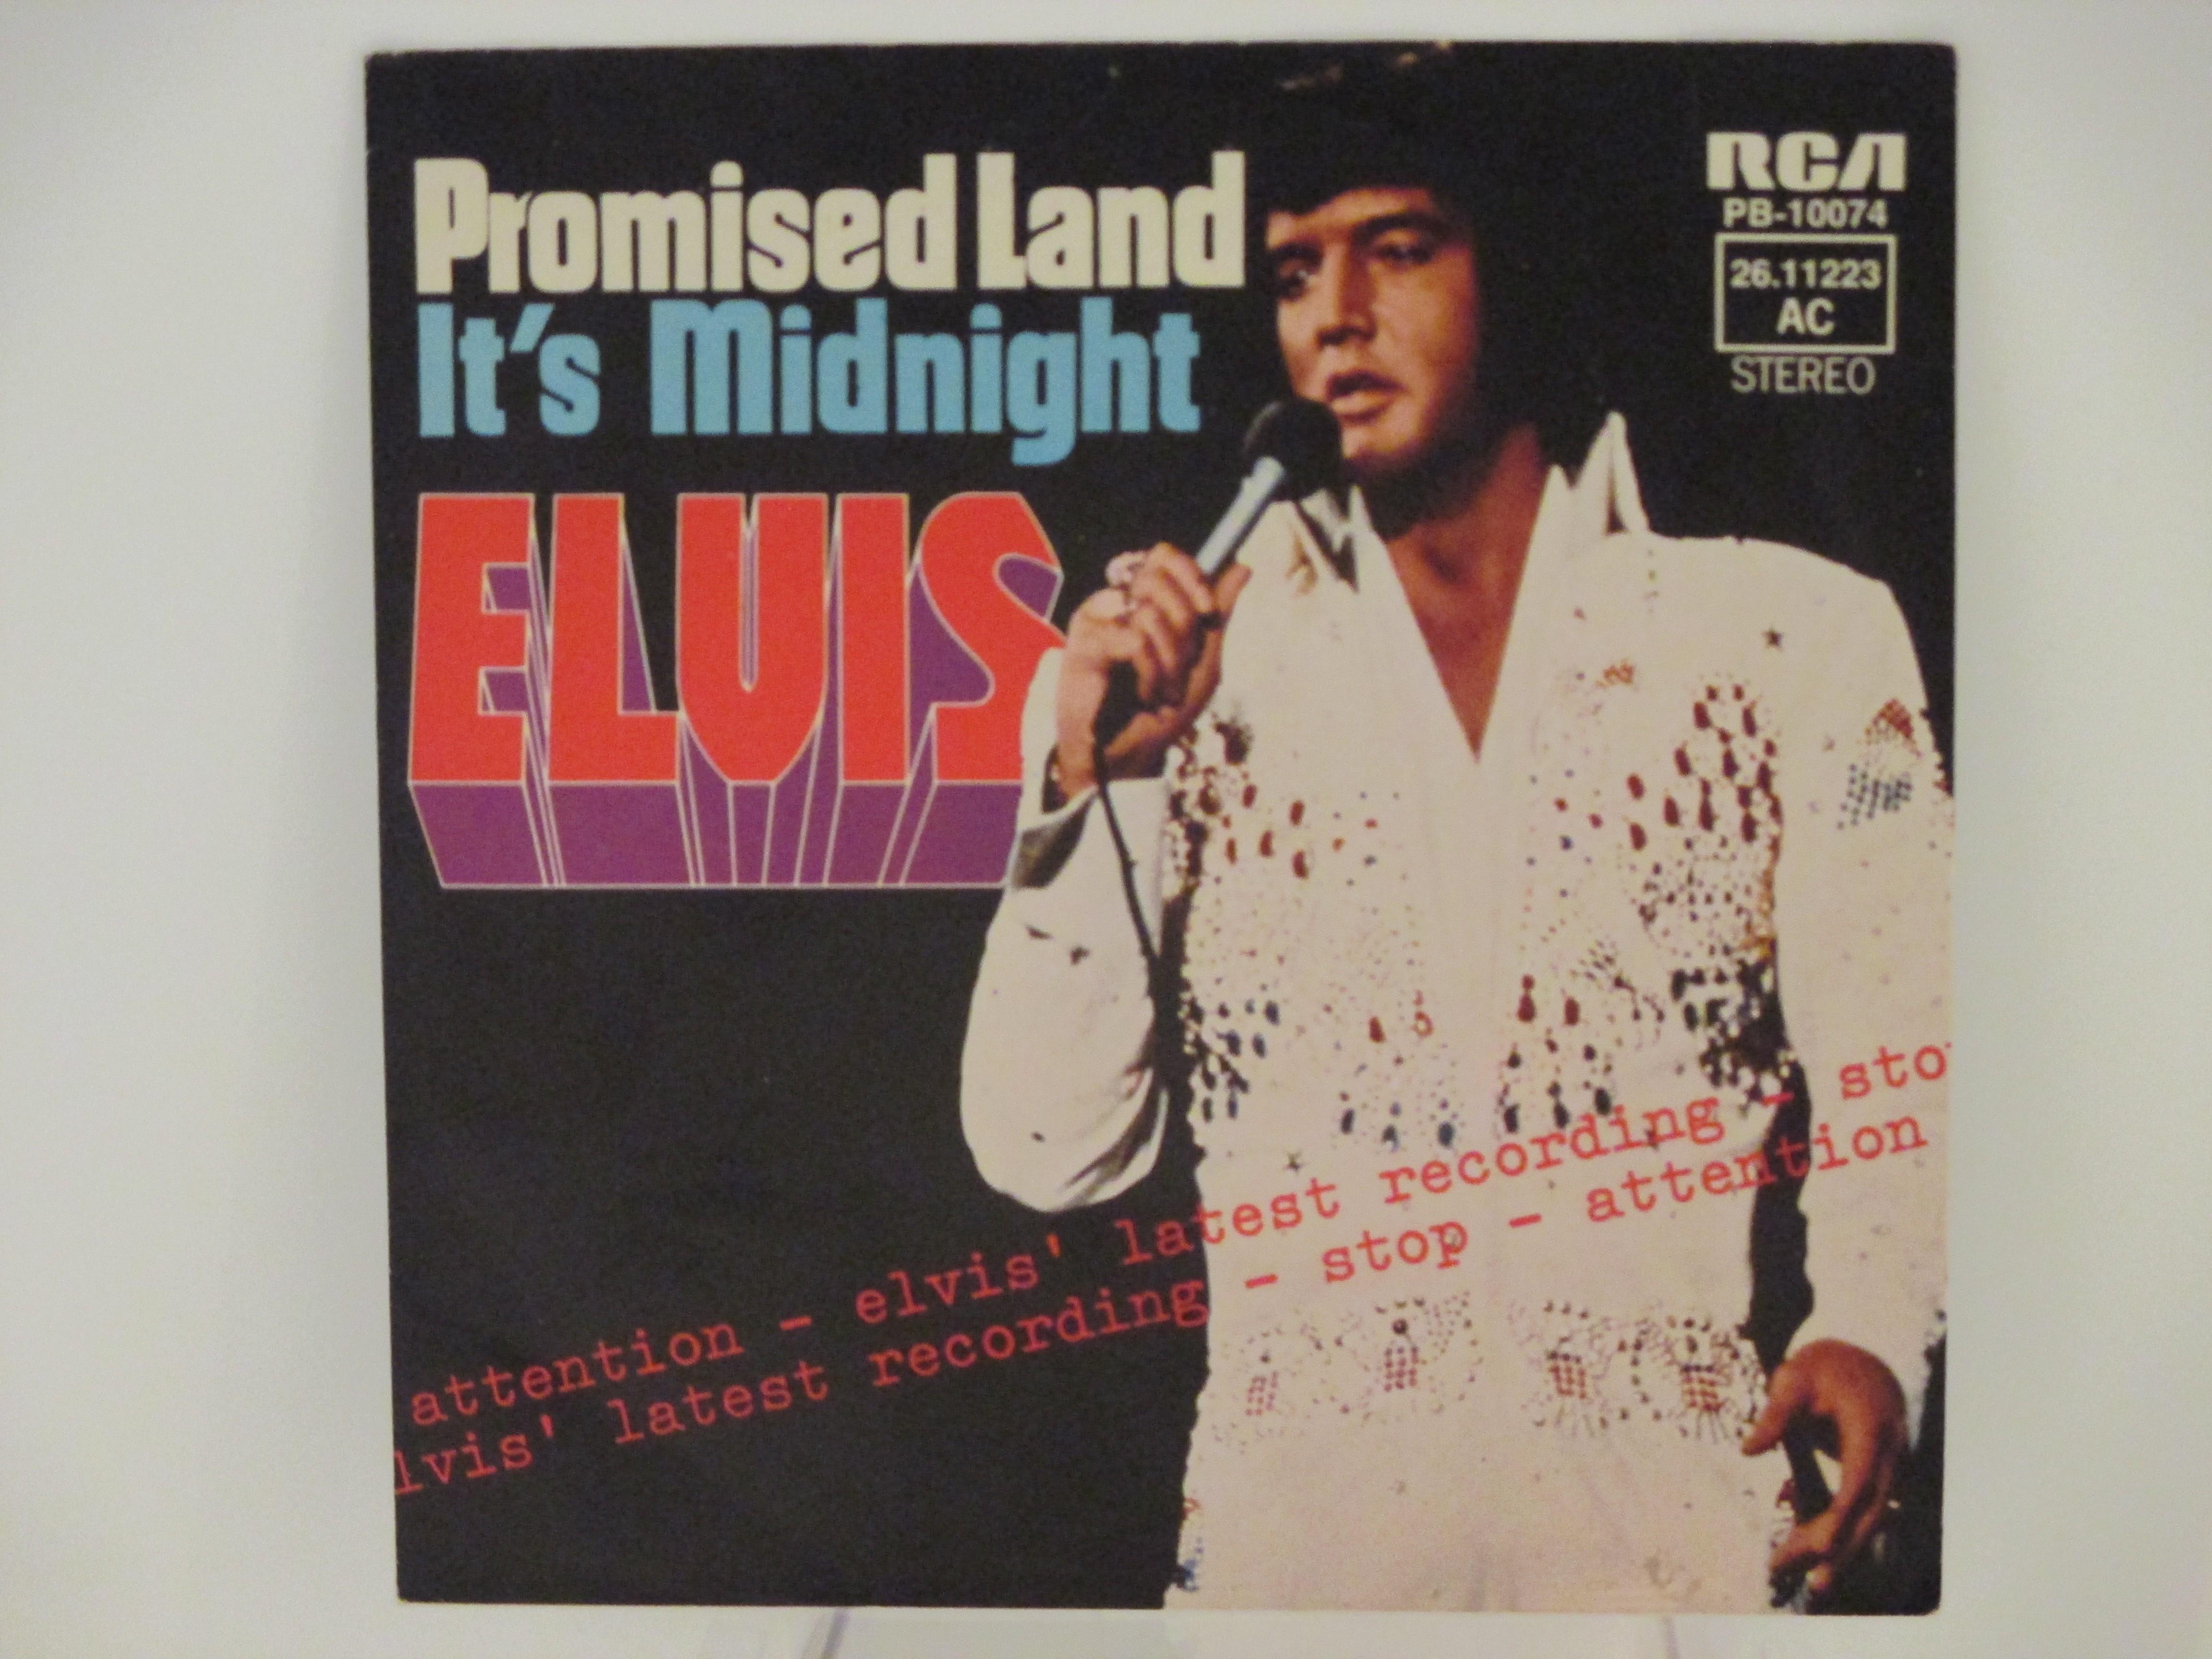 ELVIS PRESLEY : Promised land / It's midnight